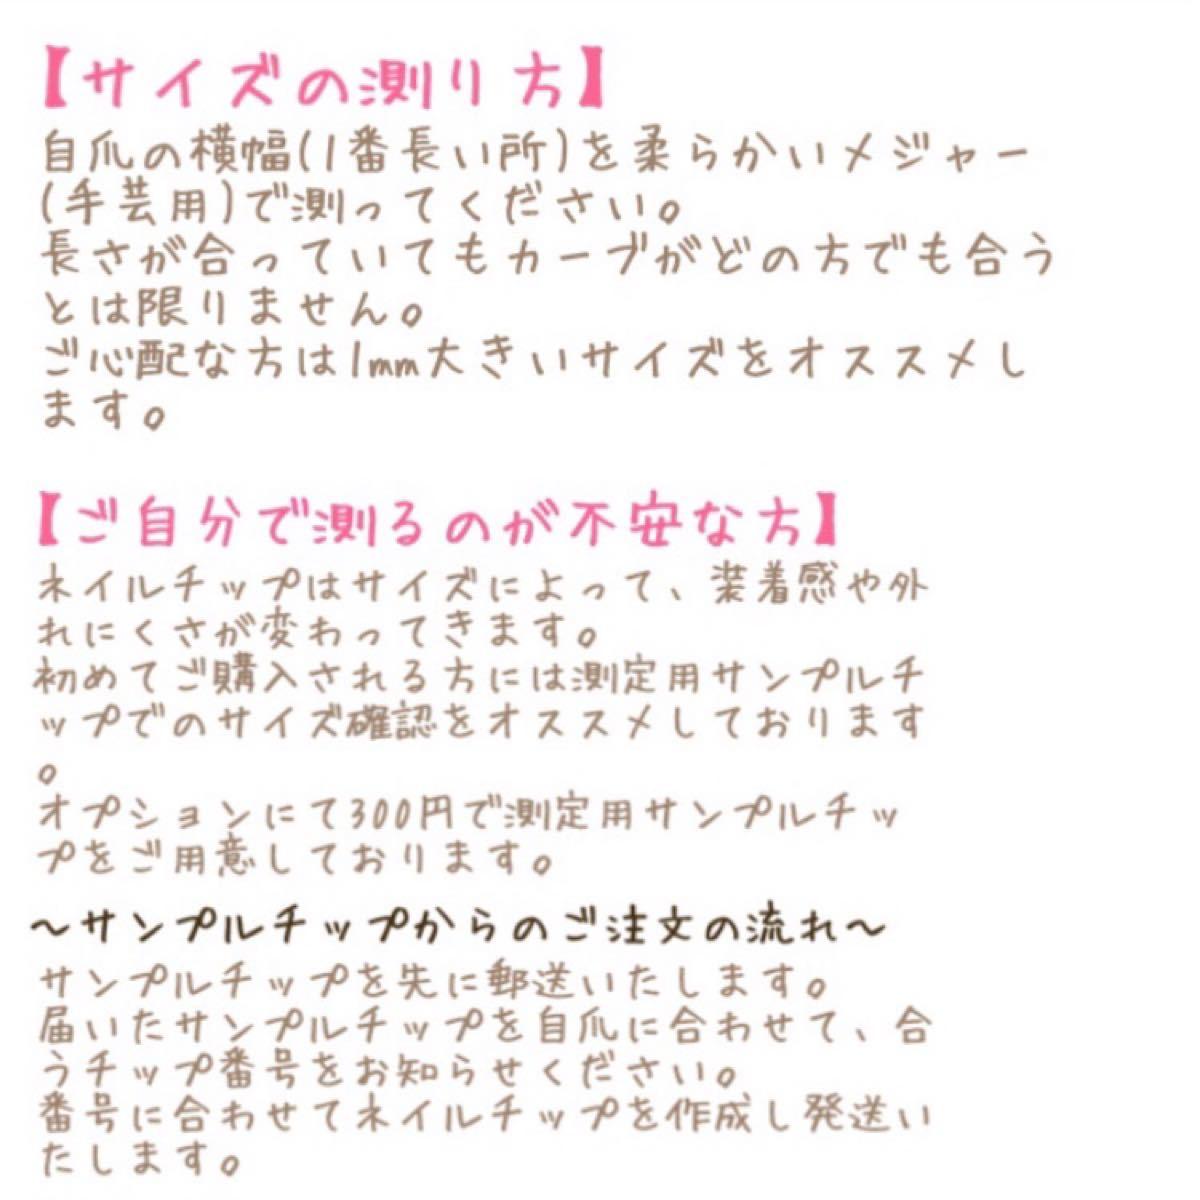 ネイルチップ No.19 ピンクベージュ/シェル/ラメ